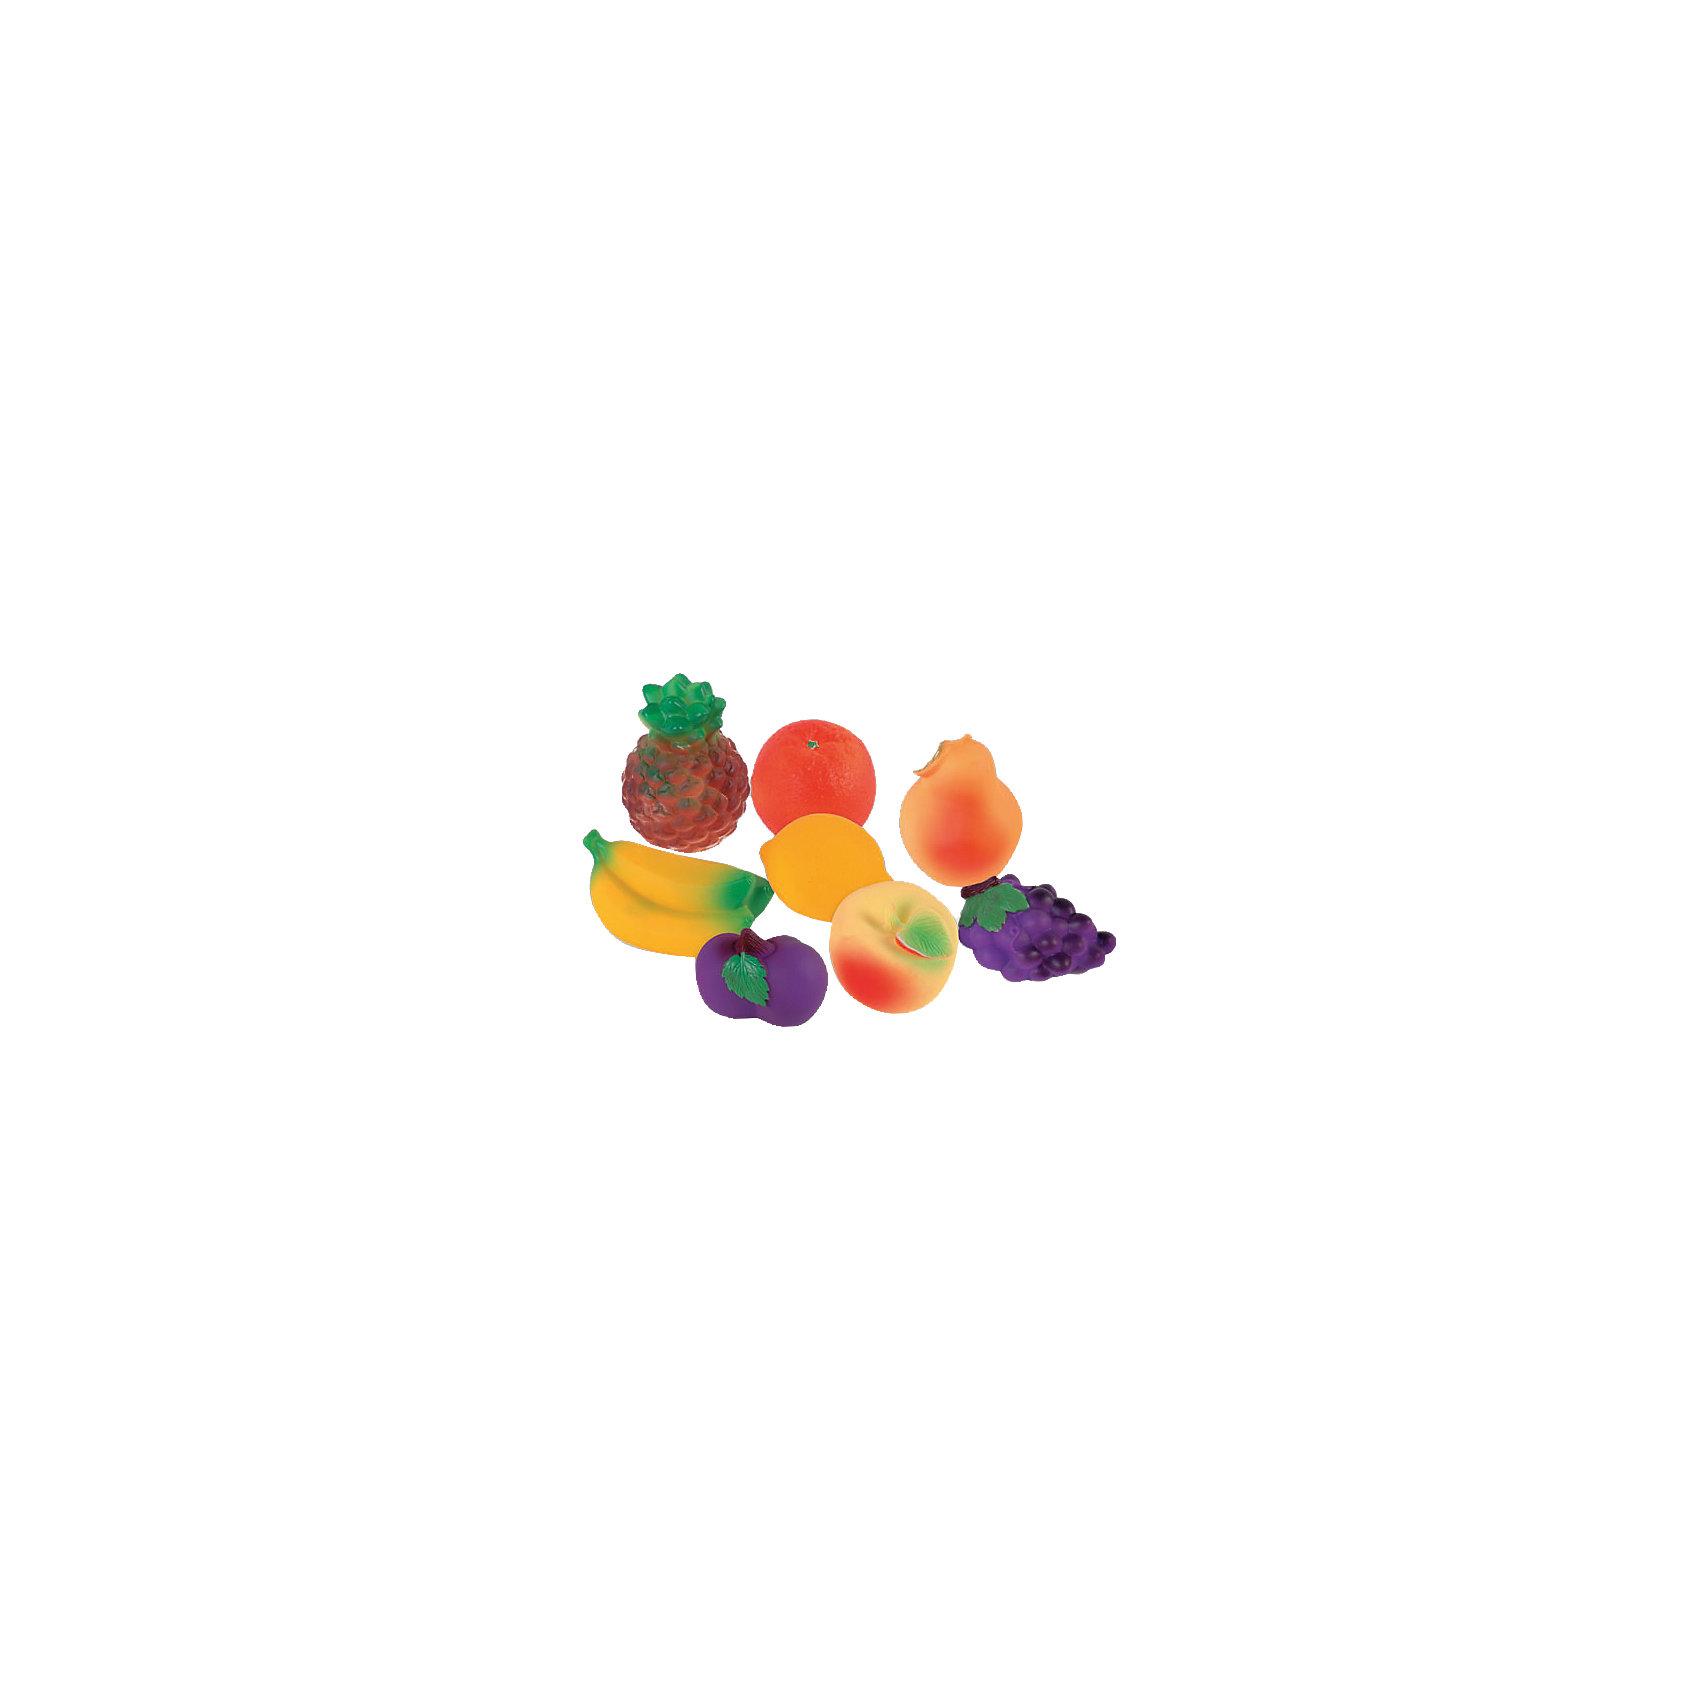 Набор фруктов, ОгонекВсе родители знают, какую важную роль в развитие ребенка играют игрушки из ПВХ, которые многие ошибочно называют «игрушки из резины». Они помогают развивать моторику рук, знакомят с формой, цветом, образами. Раньше, во времена наших родителей, эту роль выполняли резиновые детские игрушки, а теперь можно играть с яркими и безопасными изделиями из ПВХ.<br><br>Ширина мм: 170<br>Глубина мм: 75<br>Высота мм: 95<br>Вес г: 380<br>Возраст от месяцев: 12<br>Возраст до месяцев: 120<br>Пол: Унисекс<br>Возраст: Детский<br>SKU: 4527420